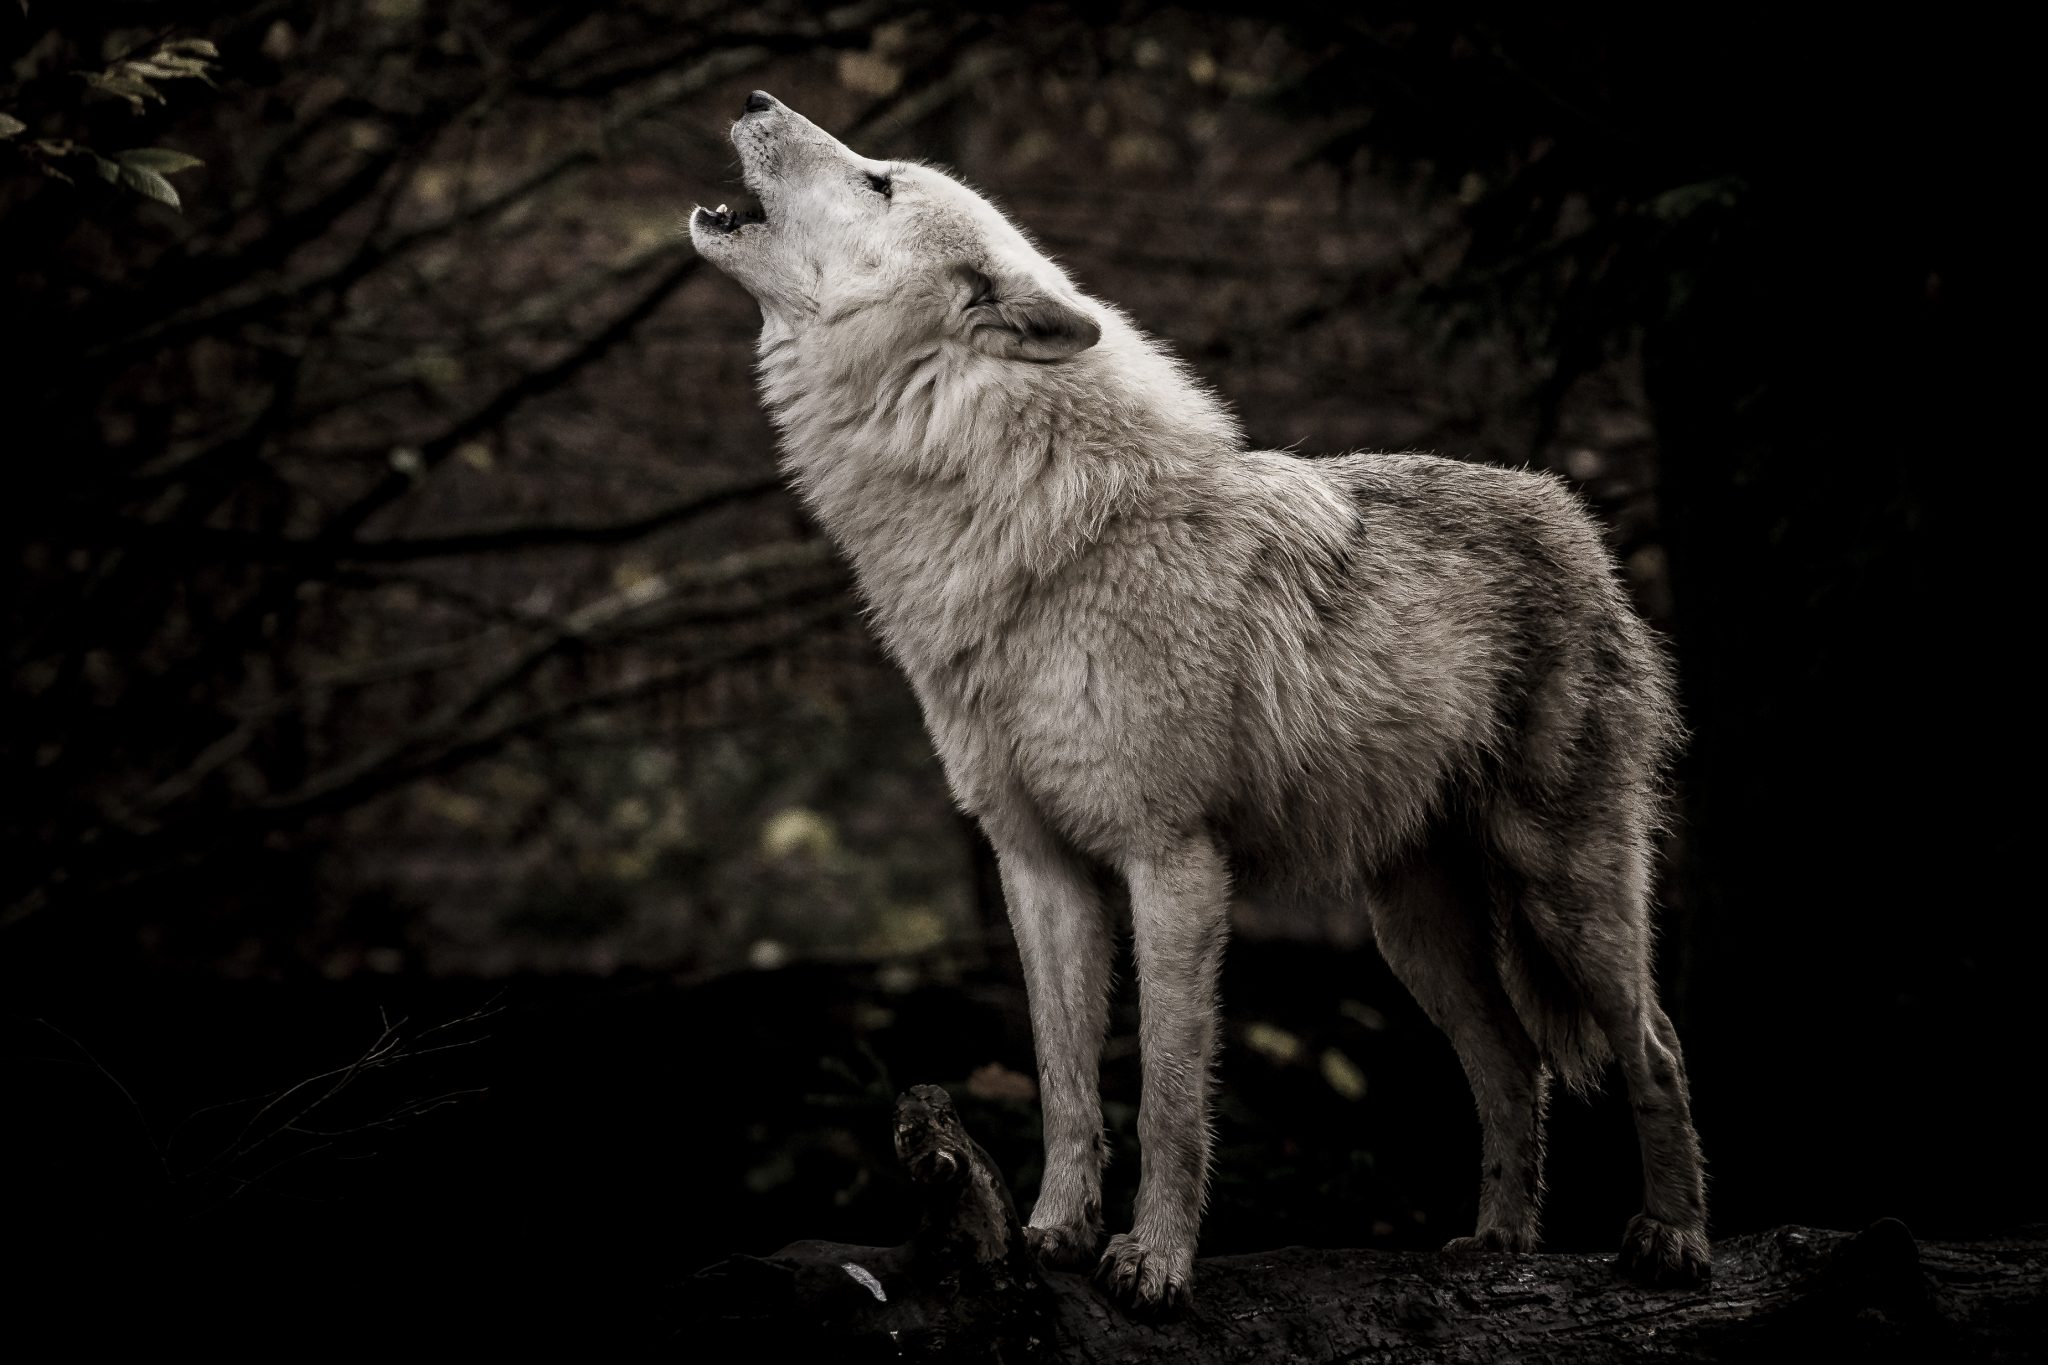 オオカミに育てられた人間はオオカミになる